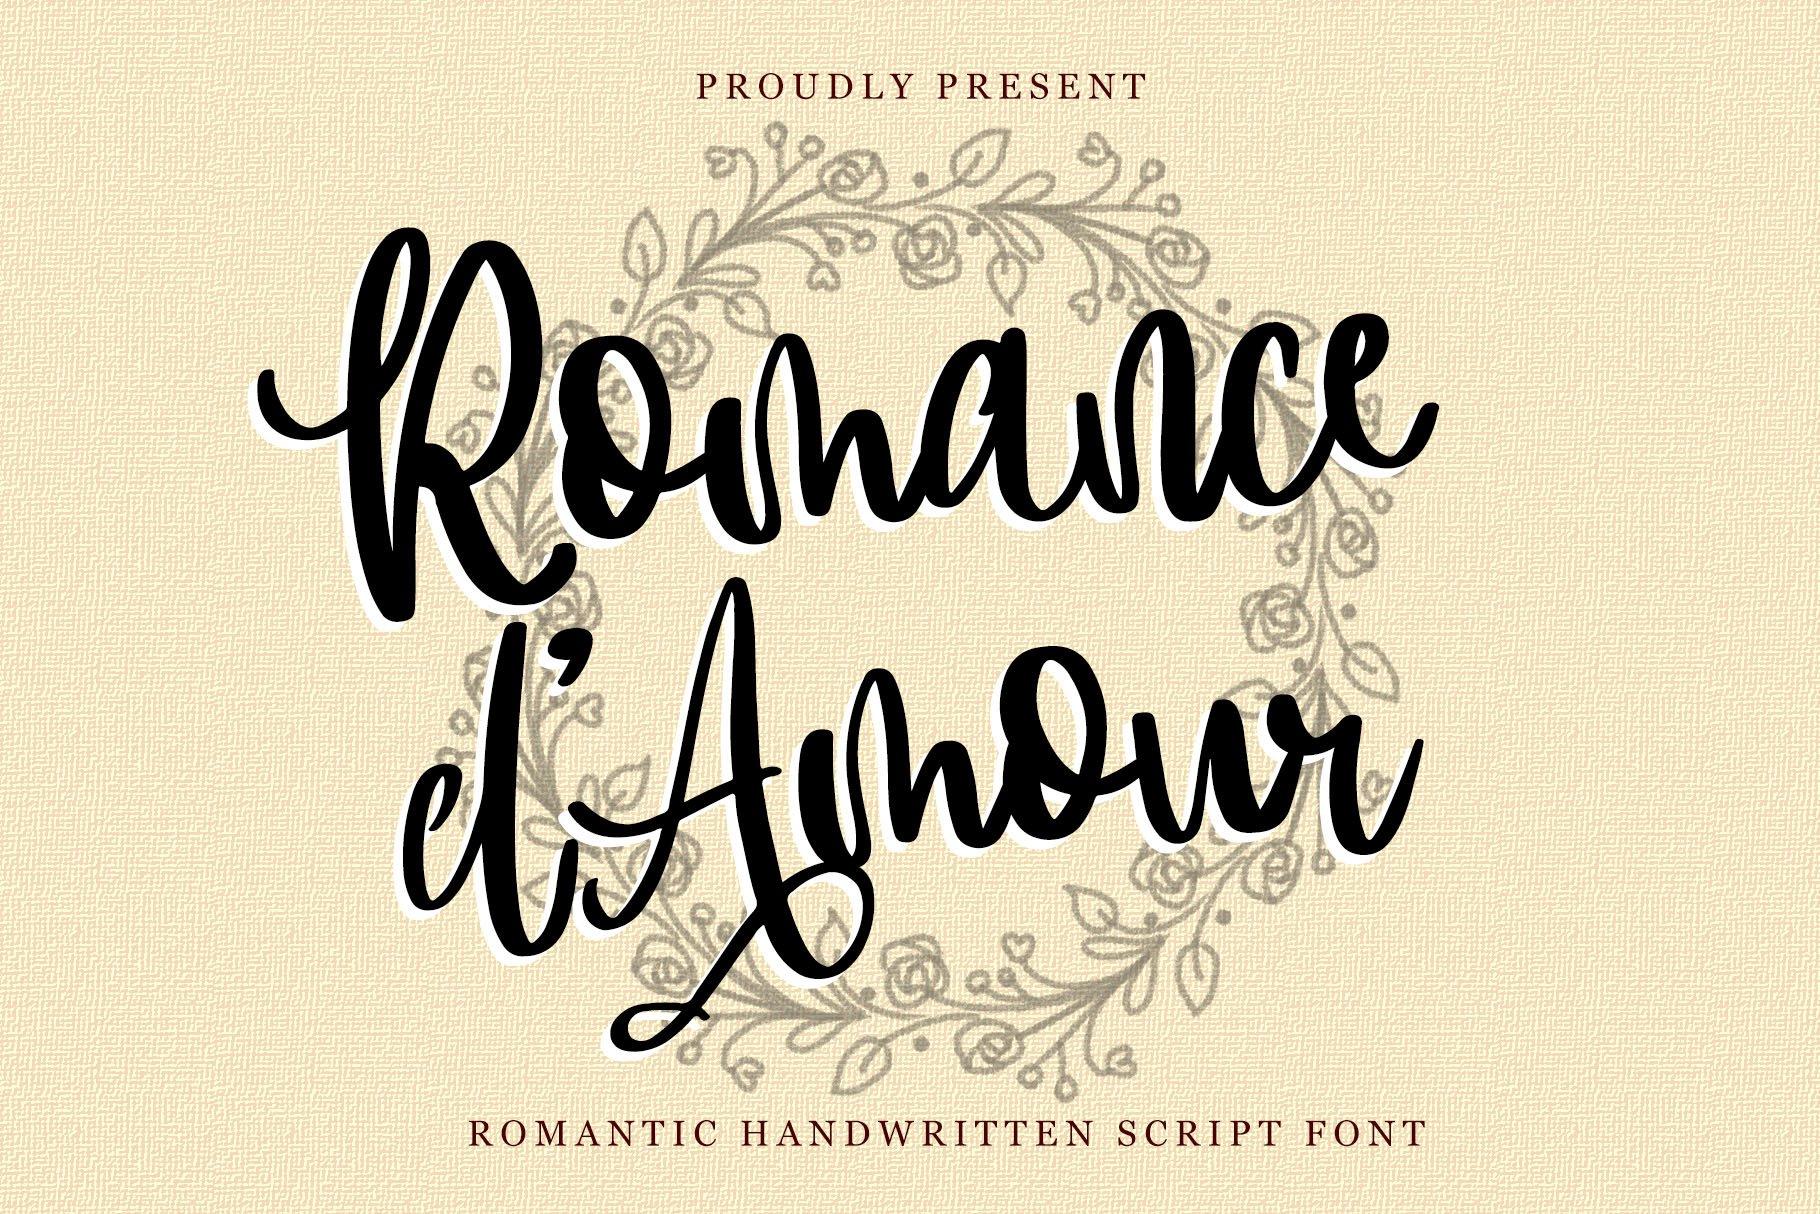 Romance d'Amour - Romantic HandWritten Script Font example image 1